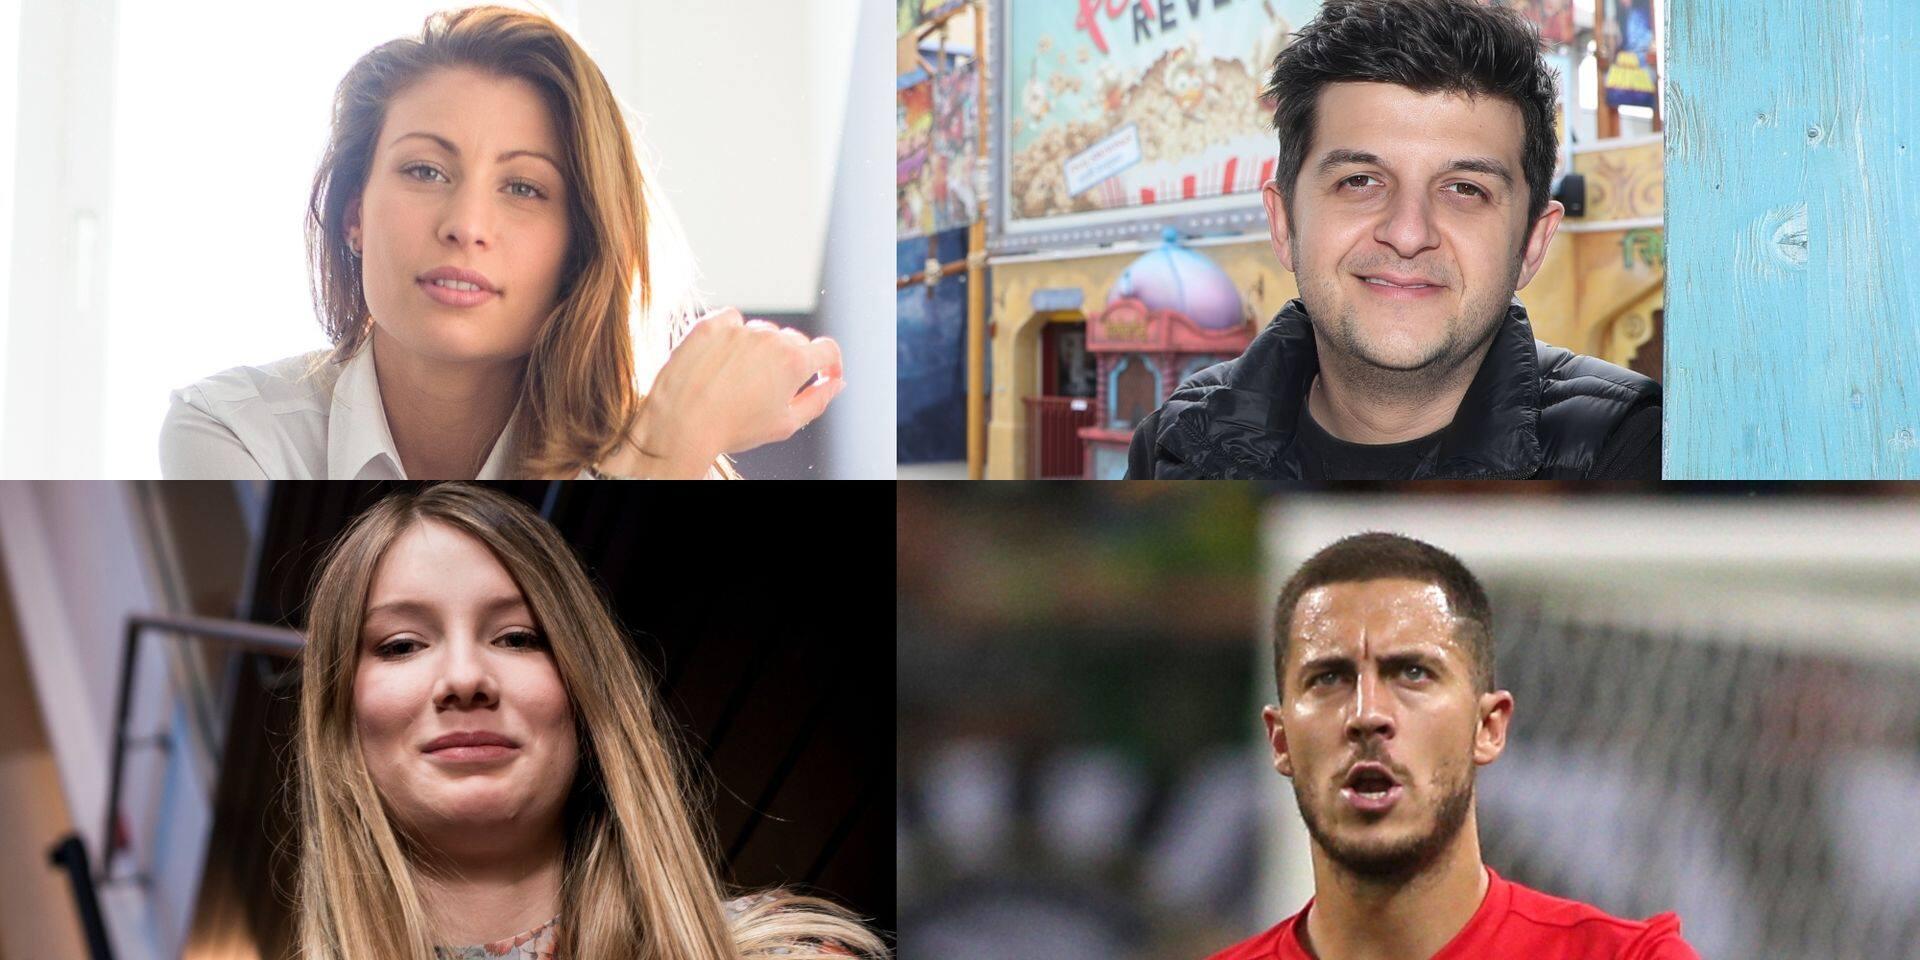 Eden Hazard, Henri PFR, Blanche, David Antoine, Alice on the Roof... : des influenceurs pour convaincre la jeunesse de se faire vacciner